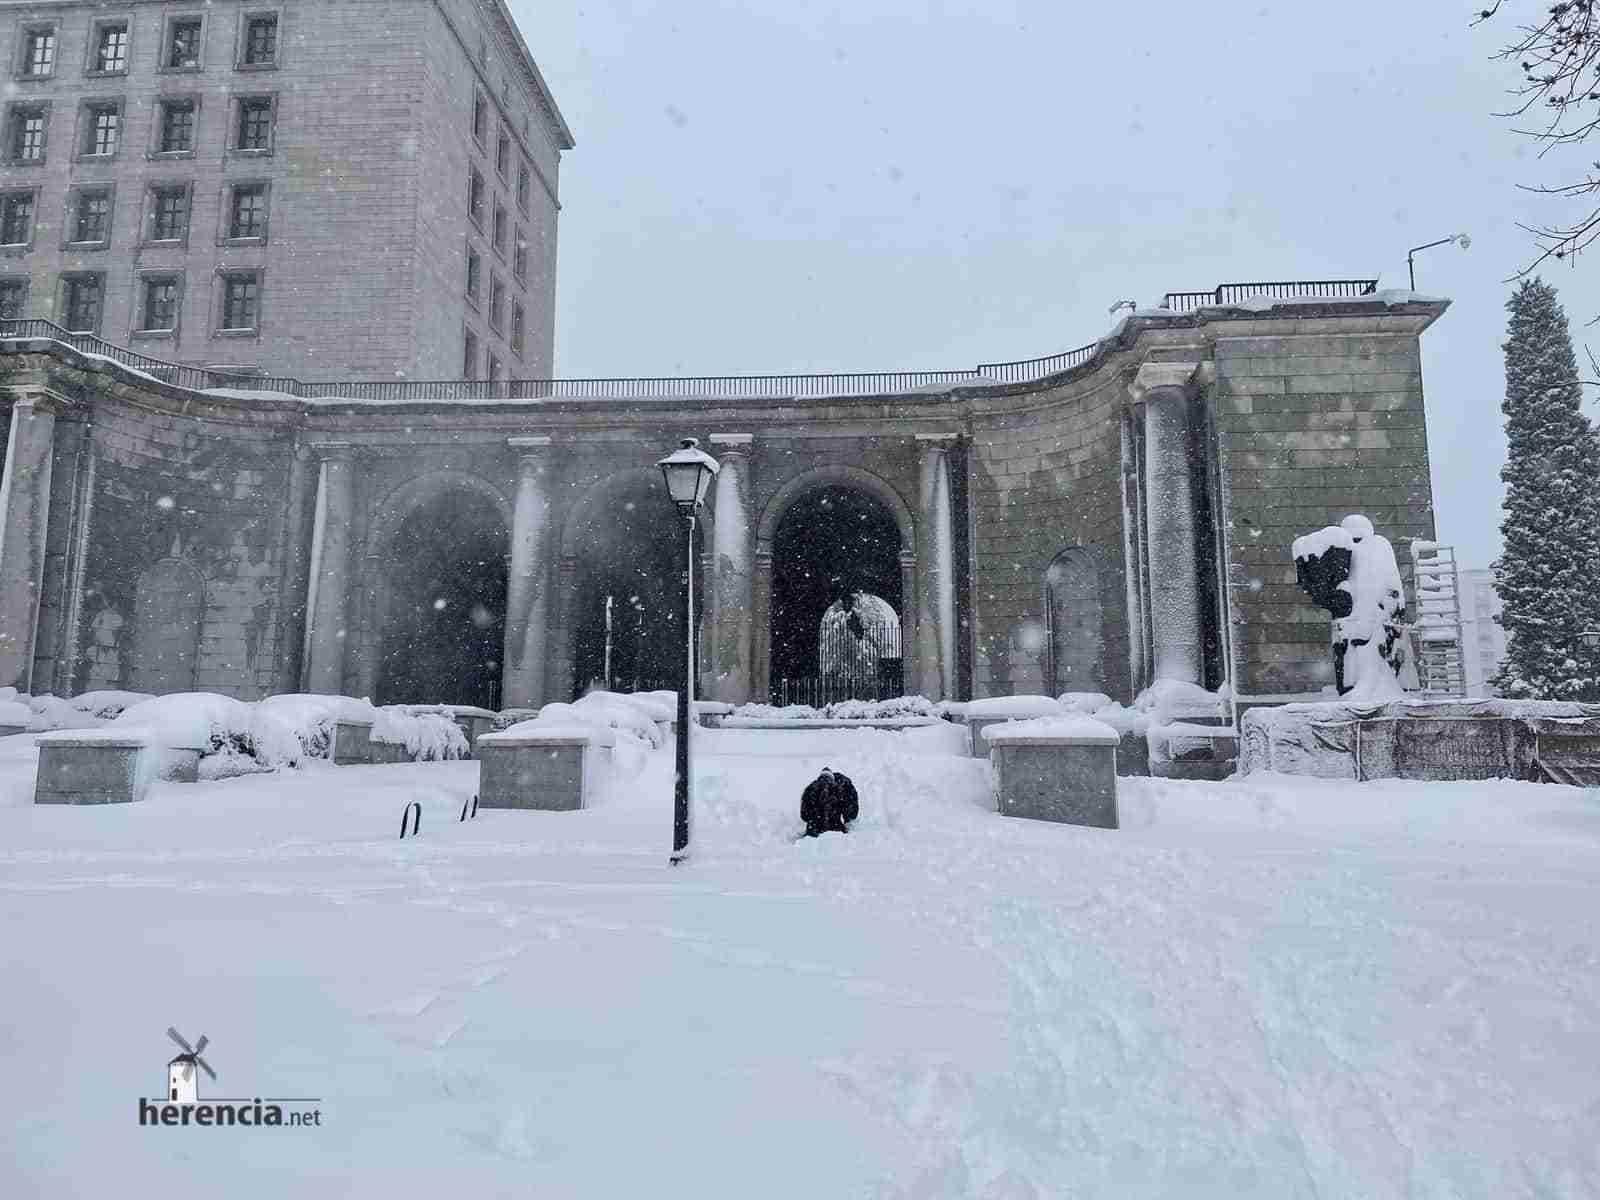 Fotografías de la nevada de enero en Madrid (España) 205